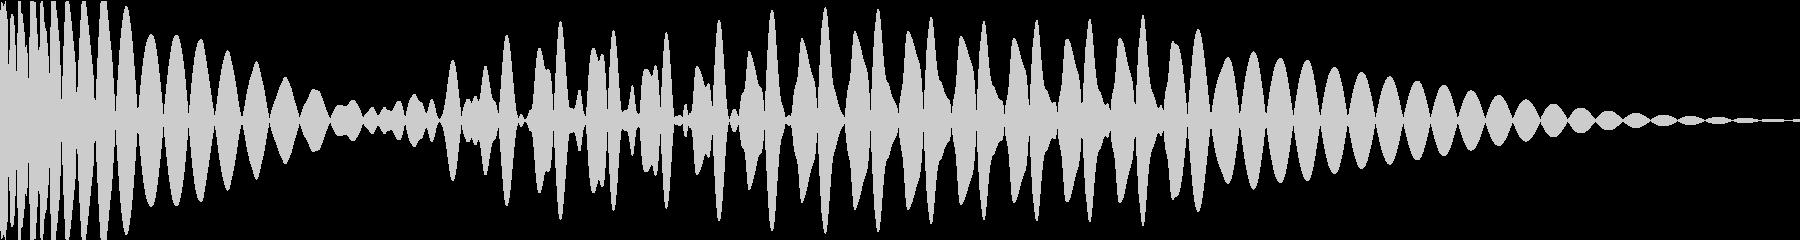 EDMキック キーG の未再生の波形